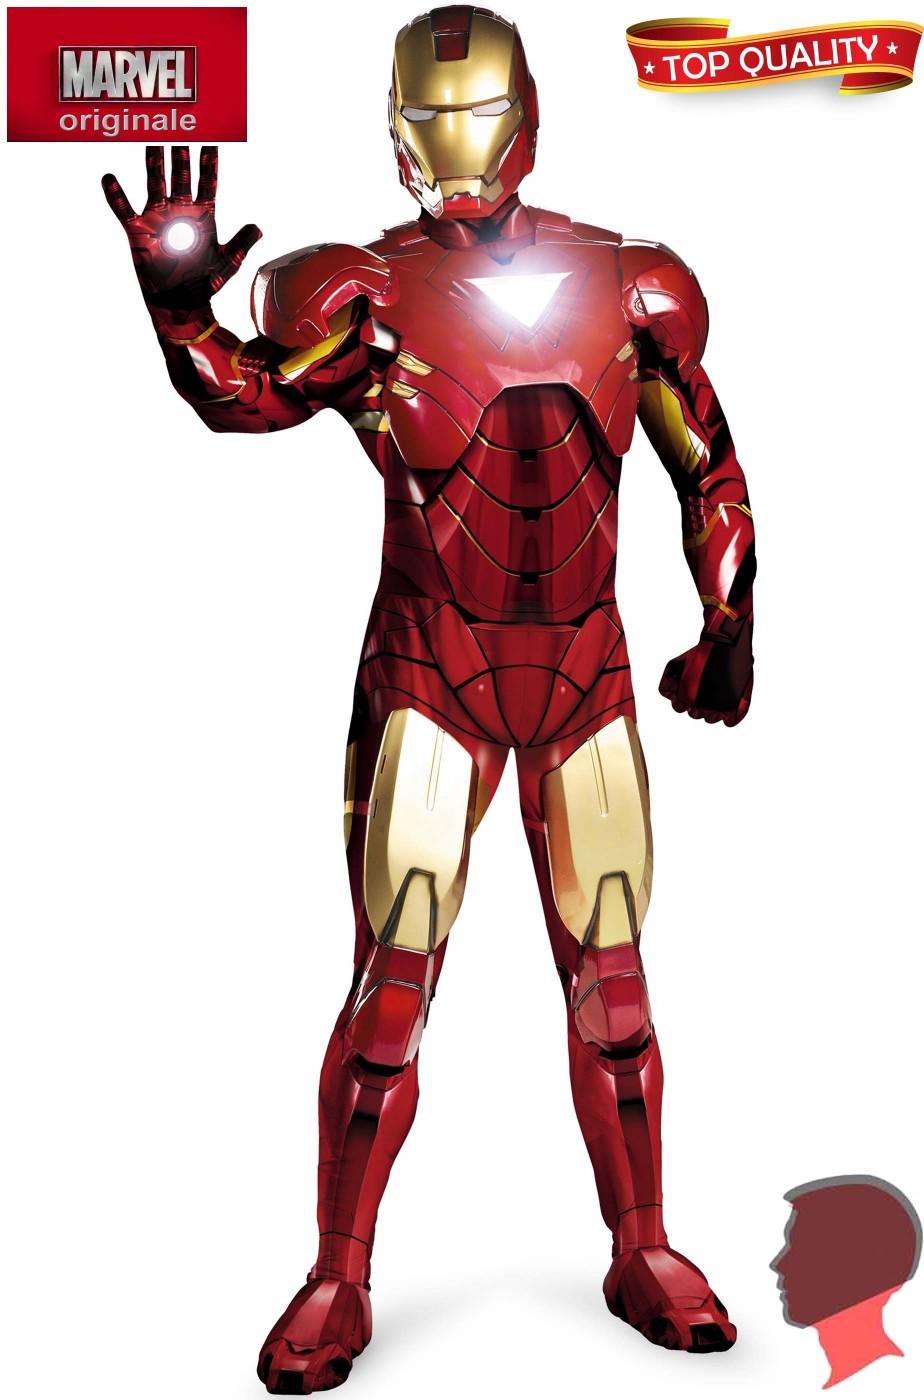 più economico grande sconto stile squisito Costume Ironman con parti di armatura e casco intero apribile